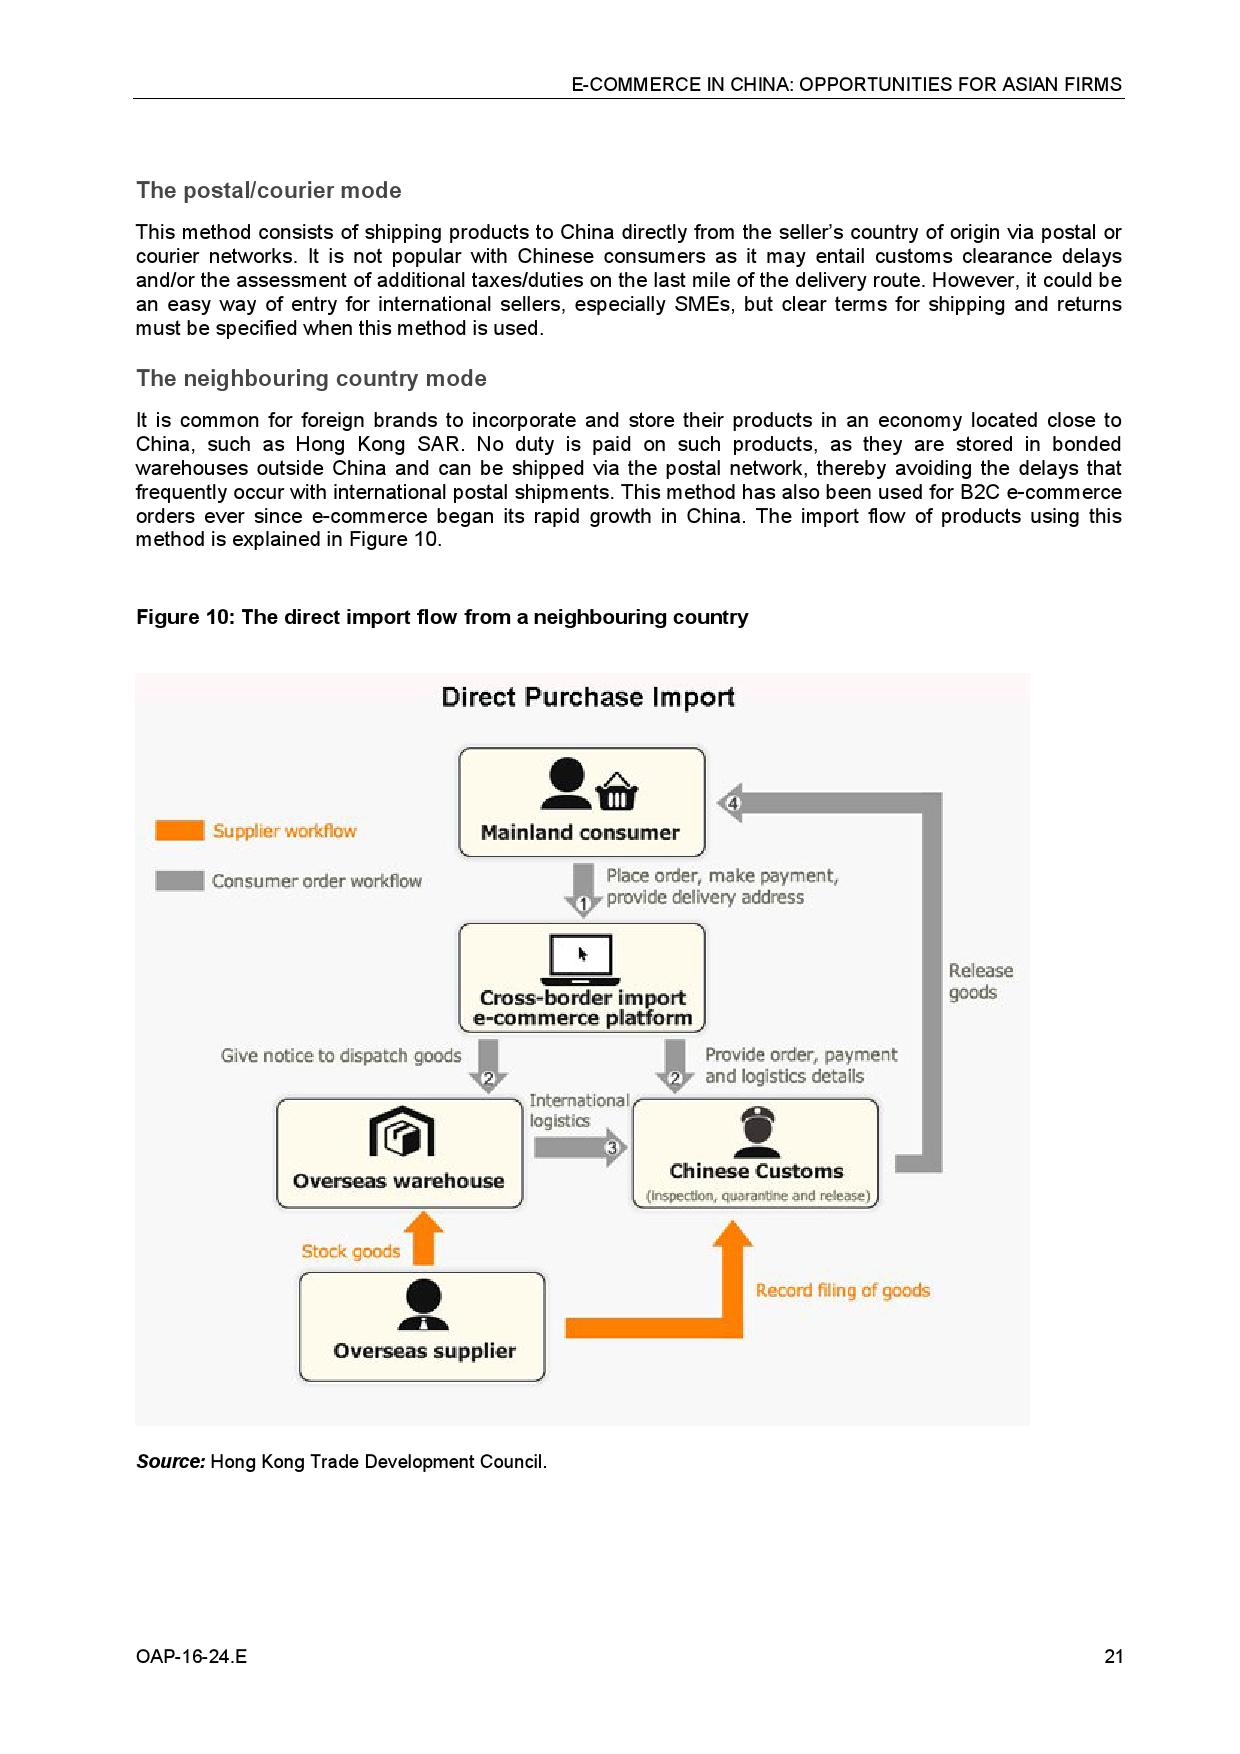 中国电子商务:对亚洲企业的机遇_000033